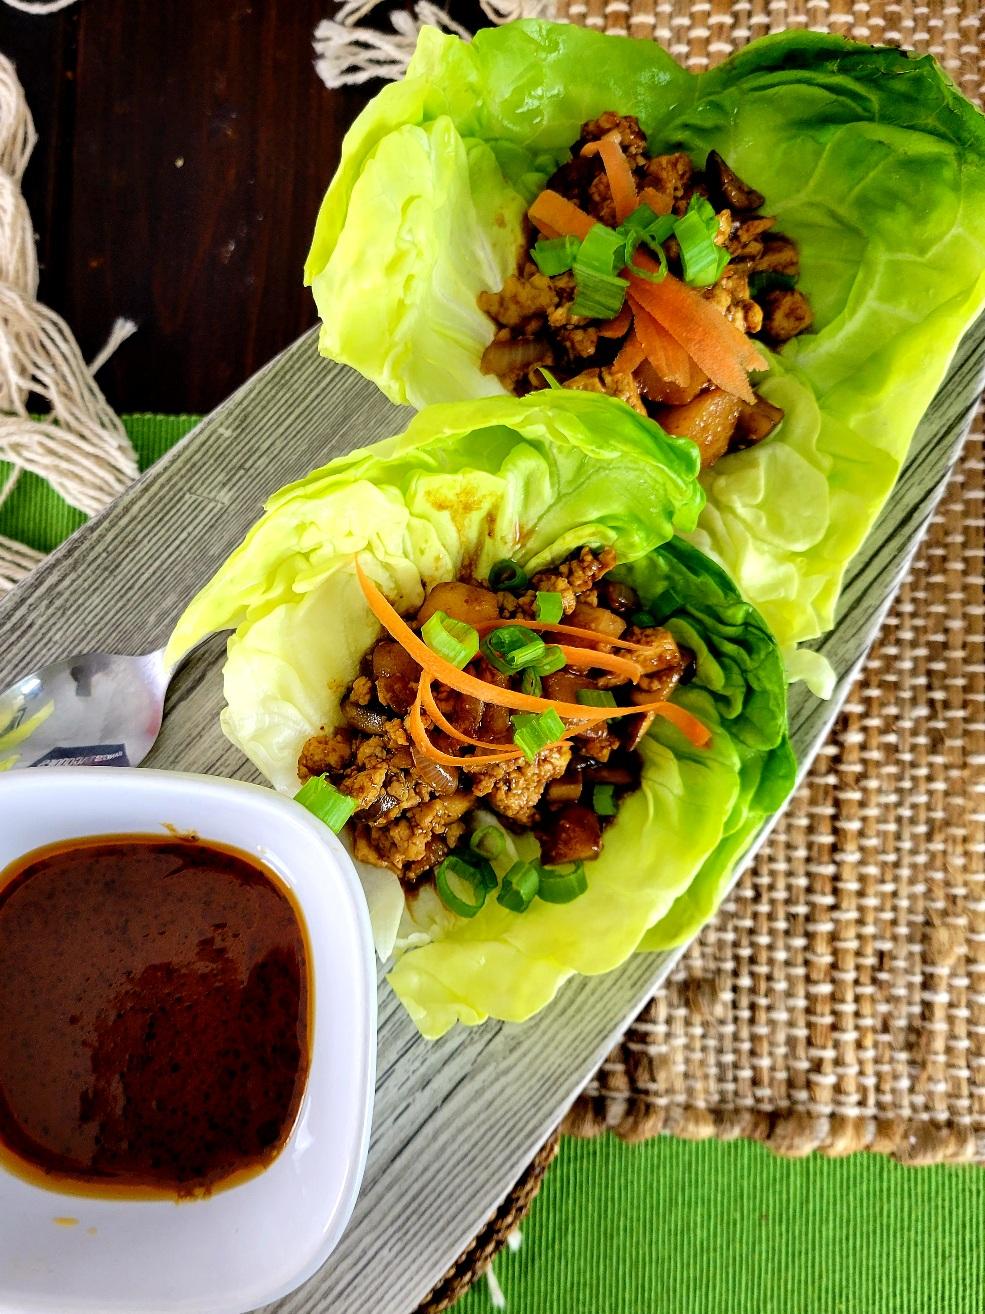 Vegan Lettuce Wraps with Tofu